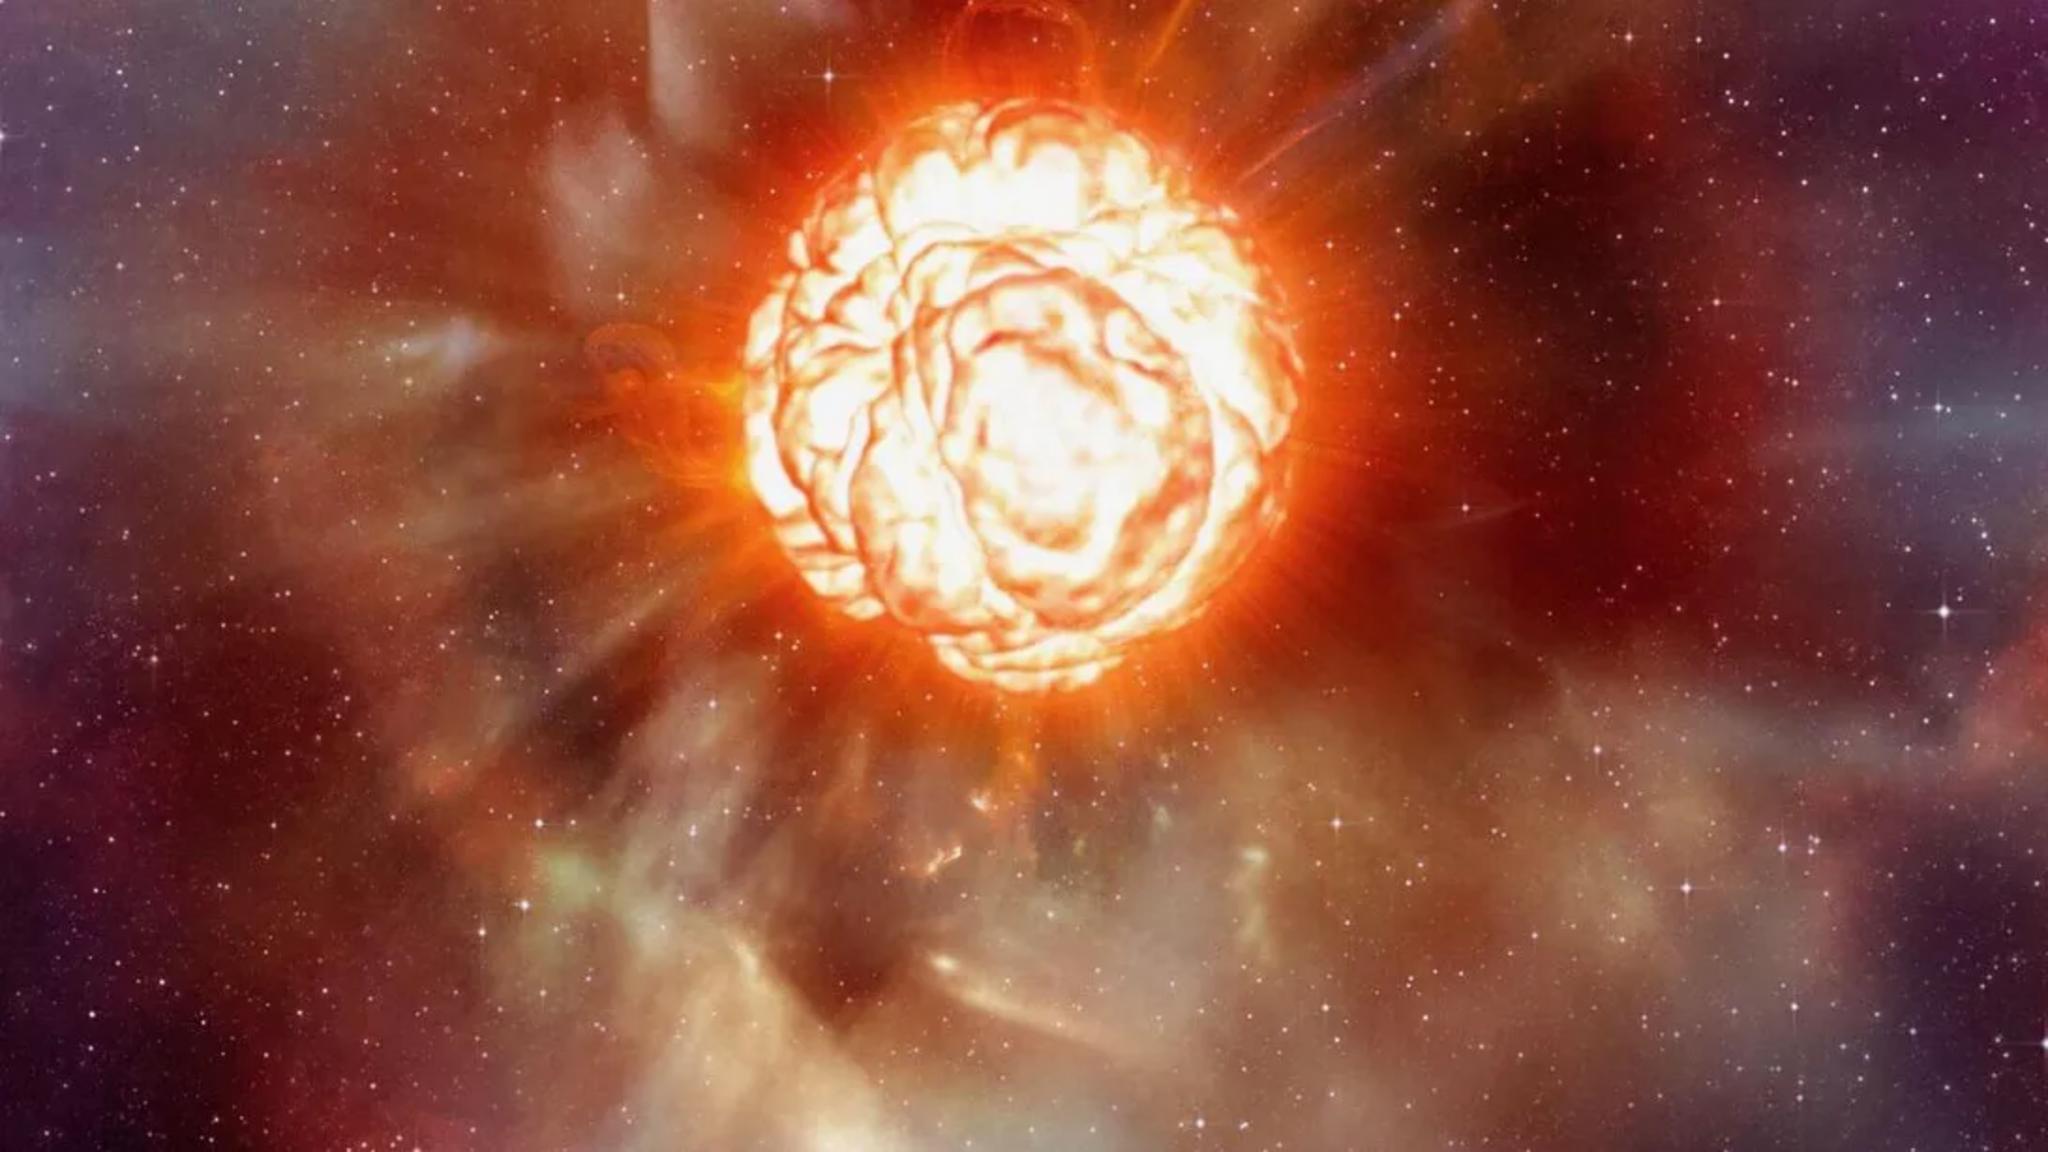 科学家终于弄清参宿四神秘变暗原因:由恒星喷射物造成